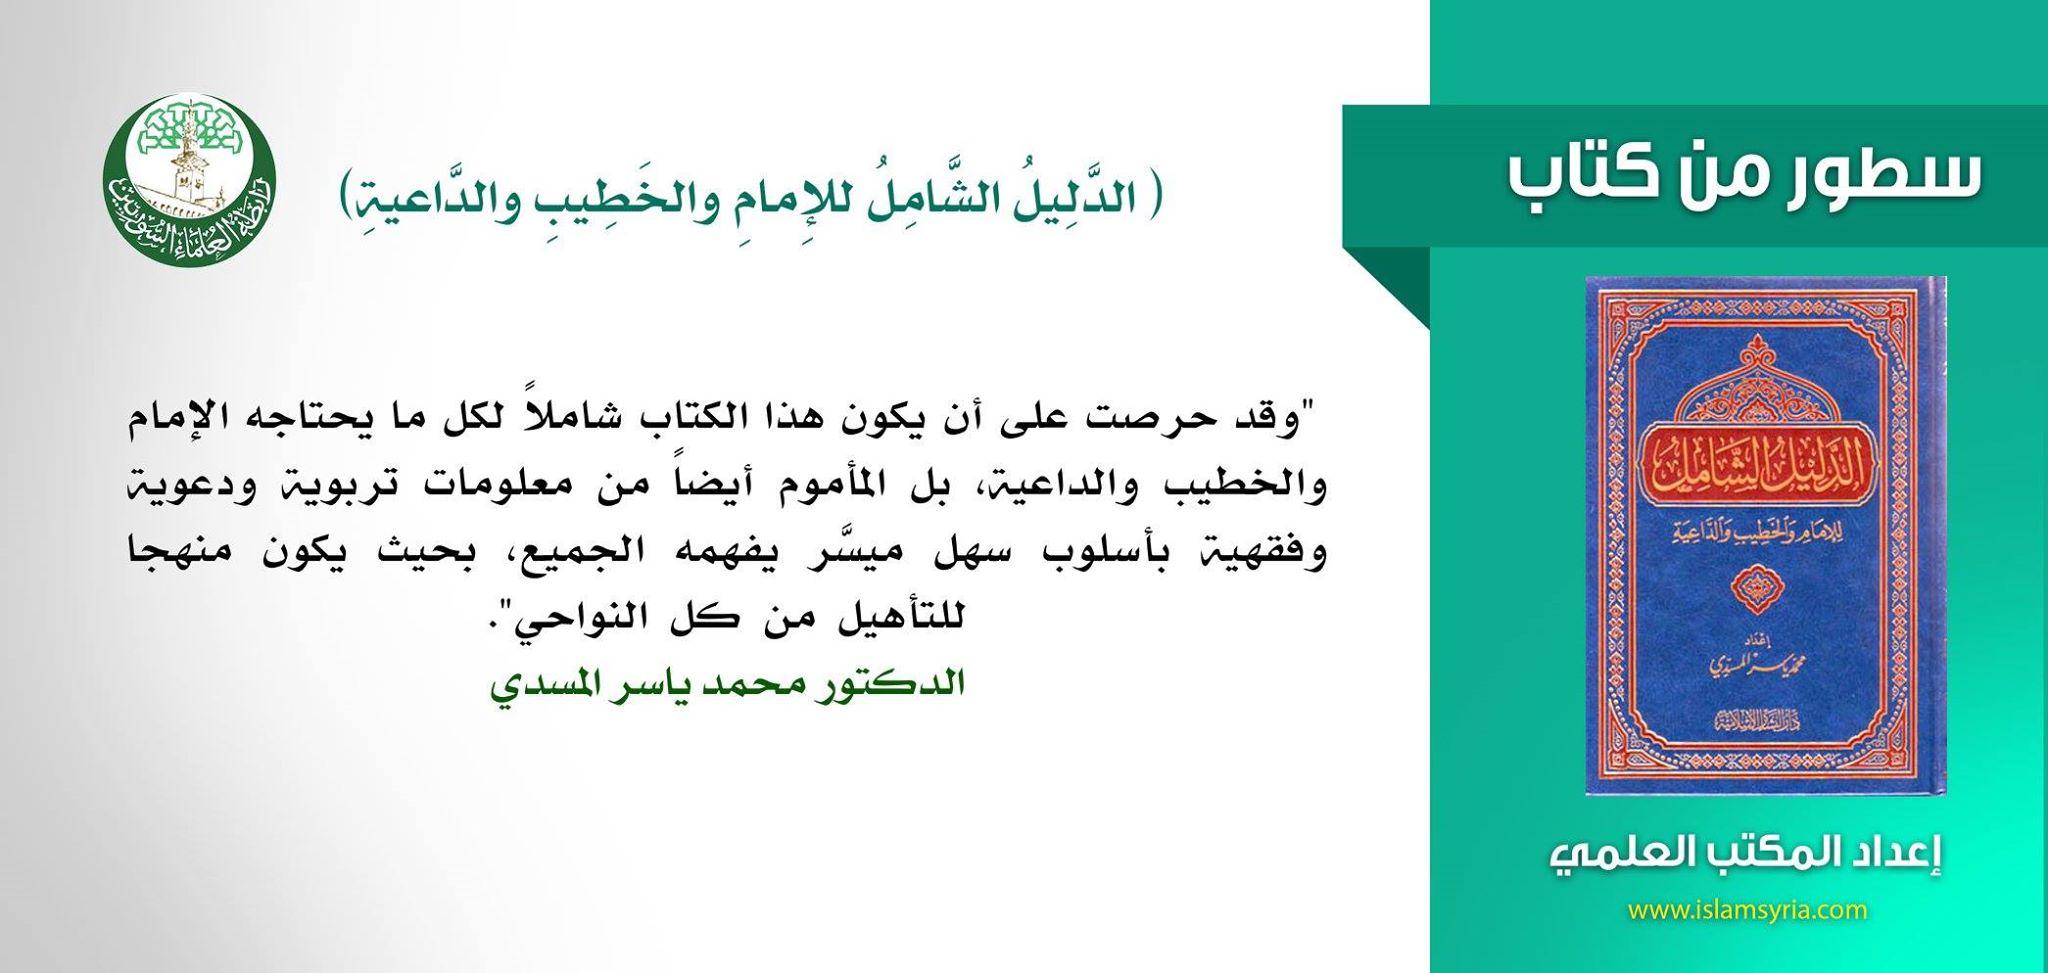 سطور من كتاب || الدليل الشامل ، للشيخ محمد ياسر المسدي